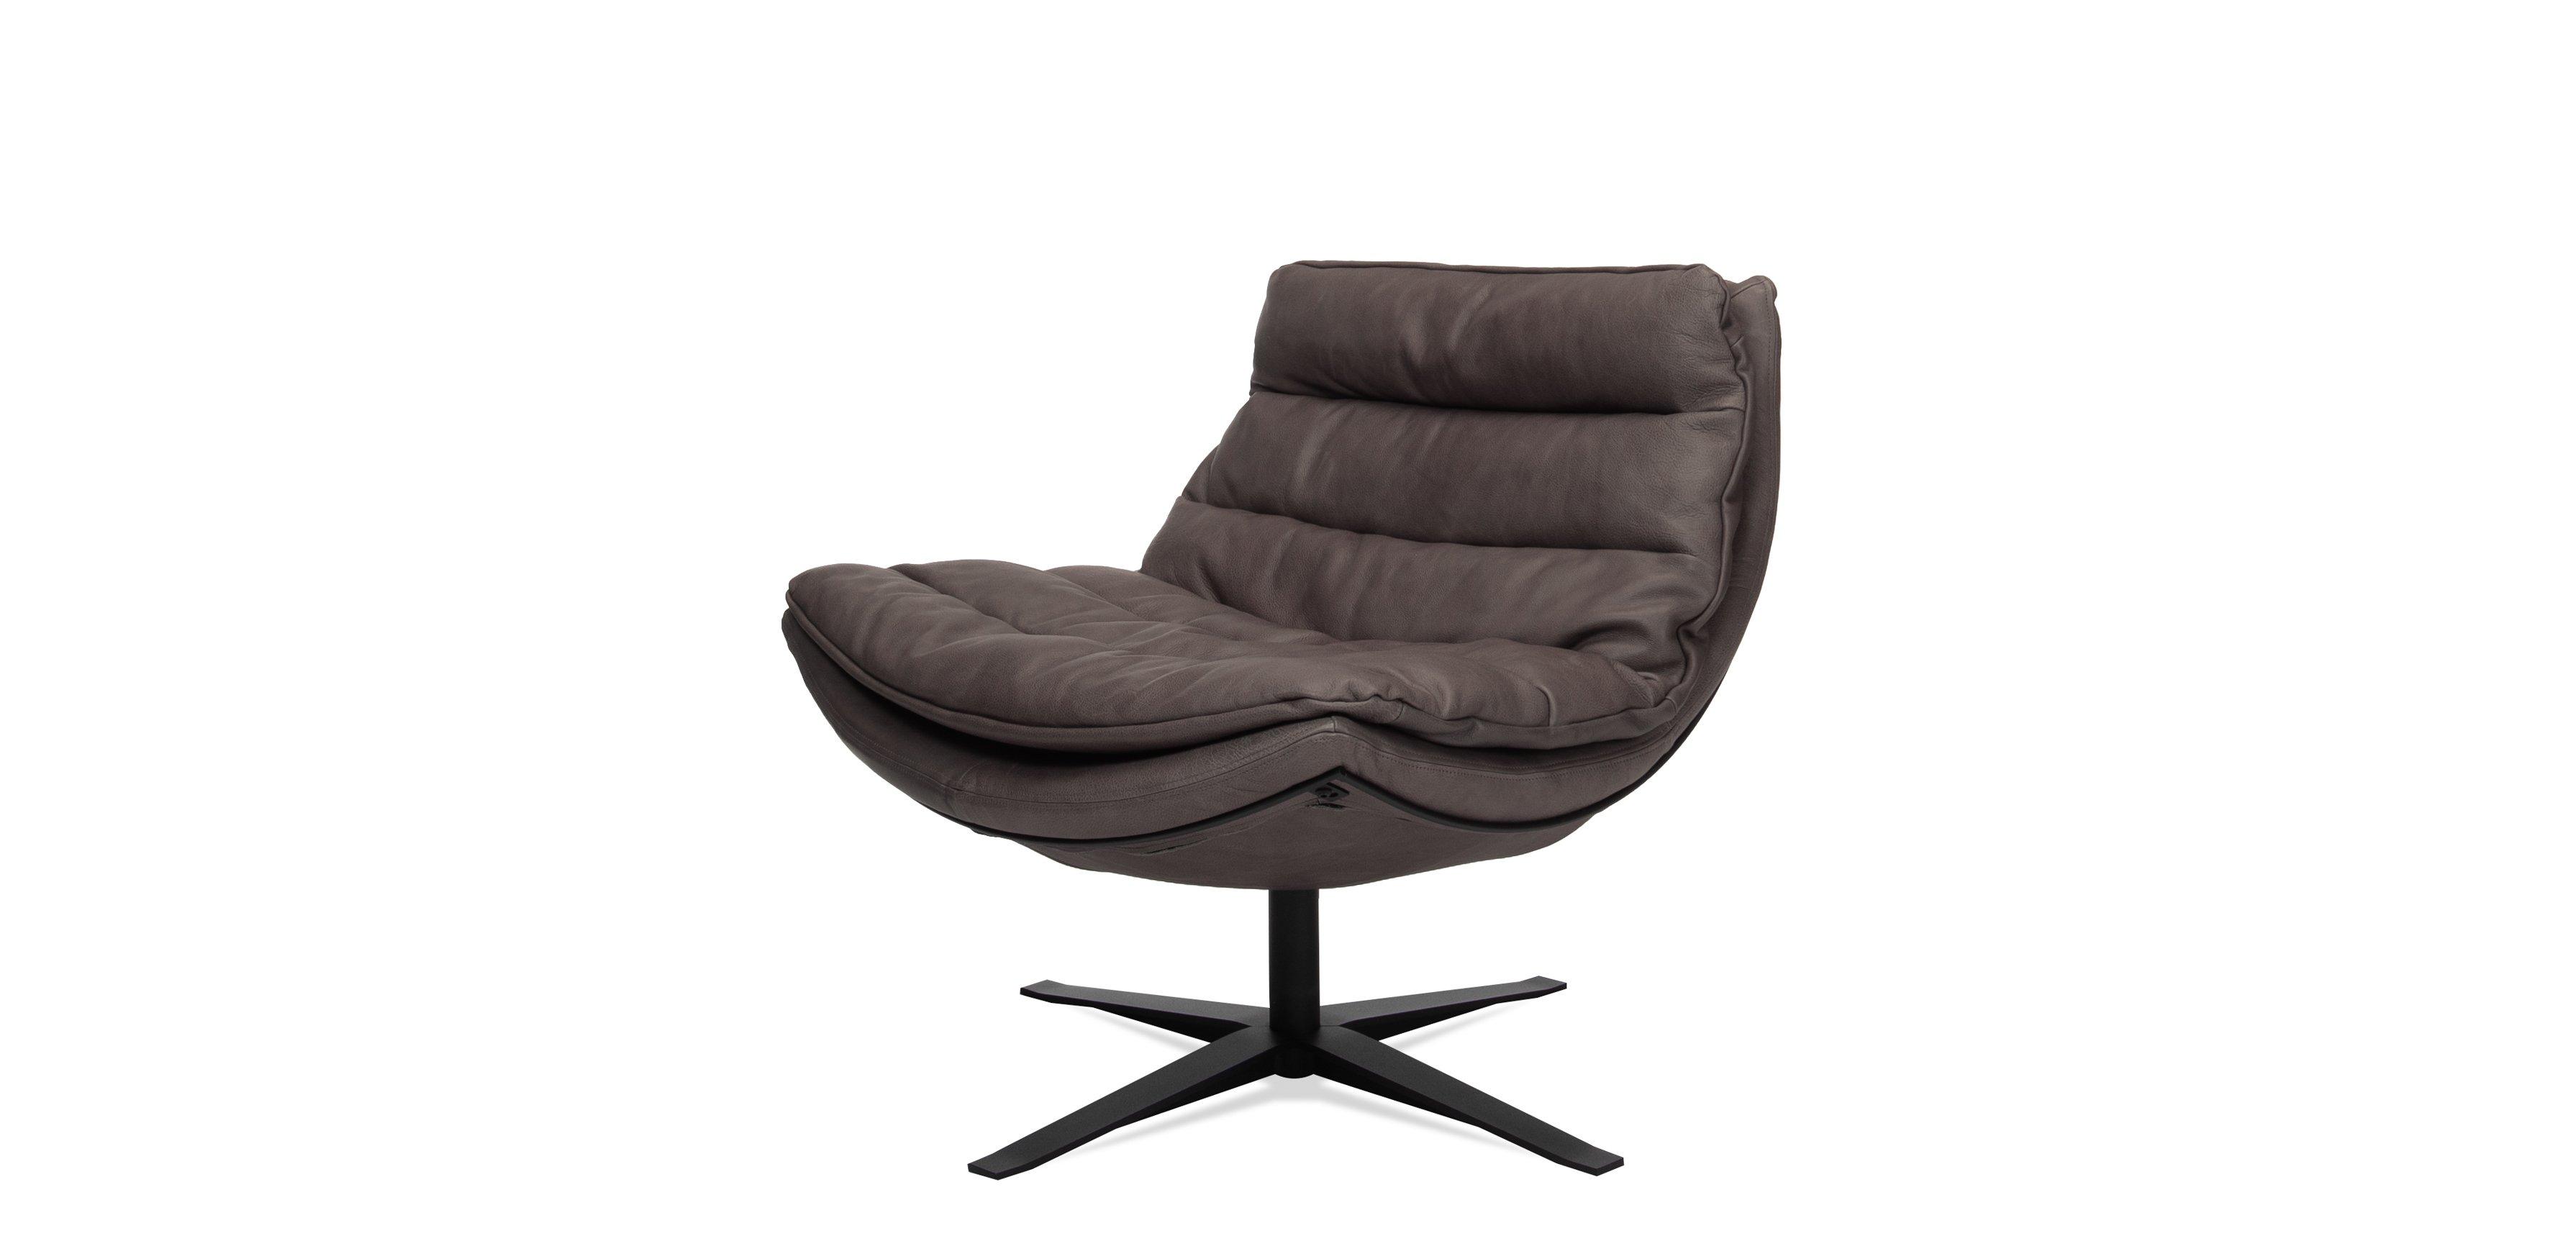 Kameraad fauteuil DYYK 9